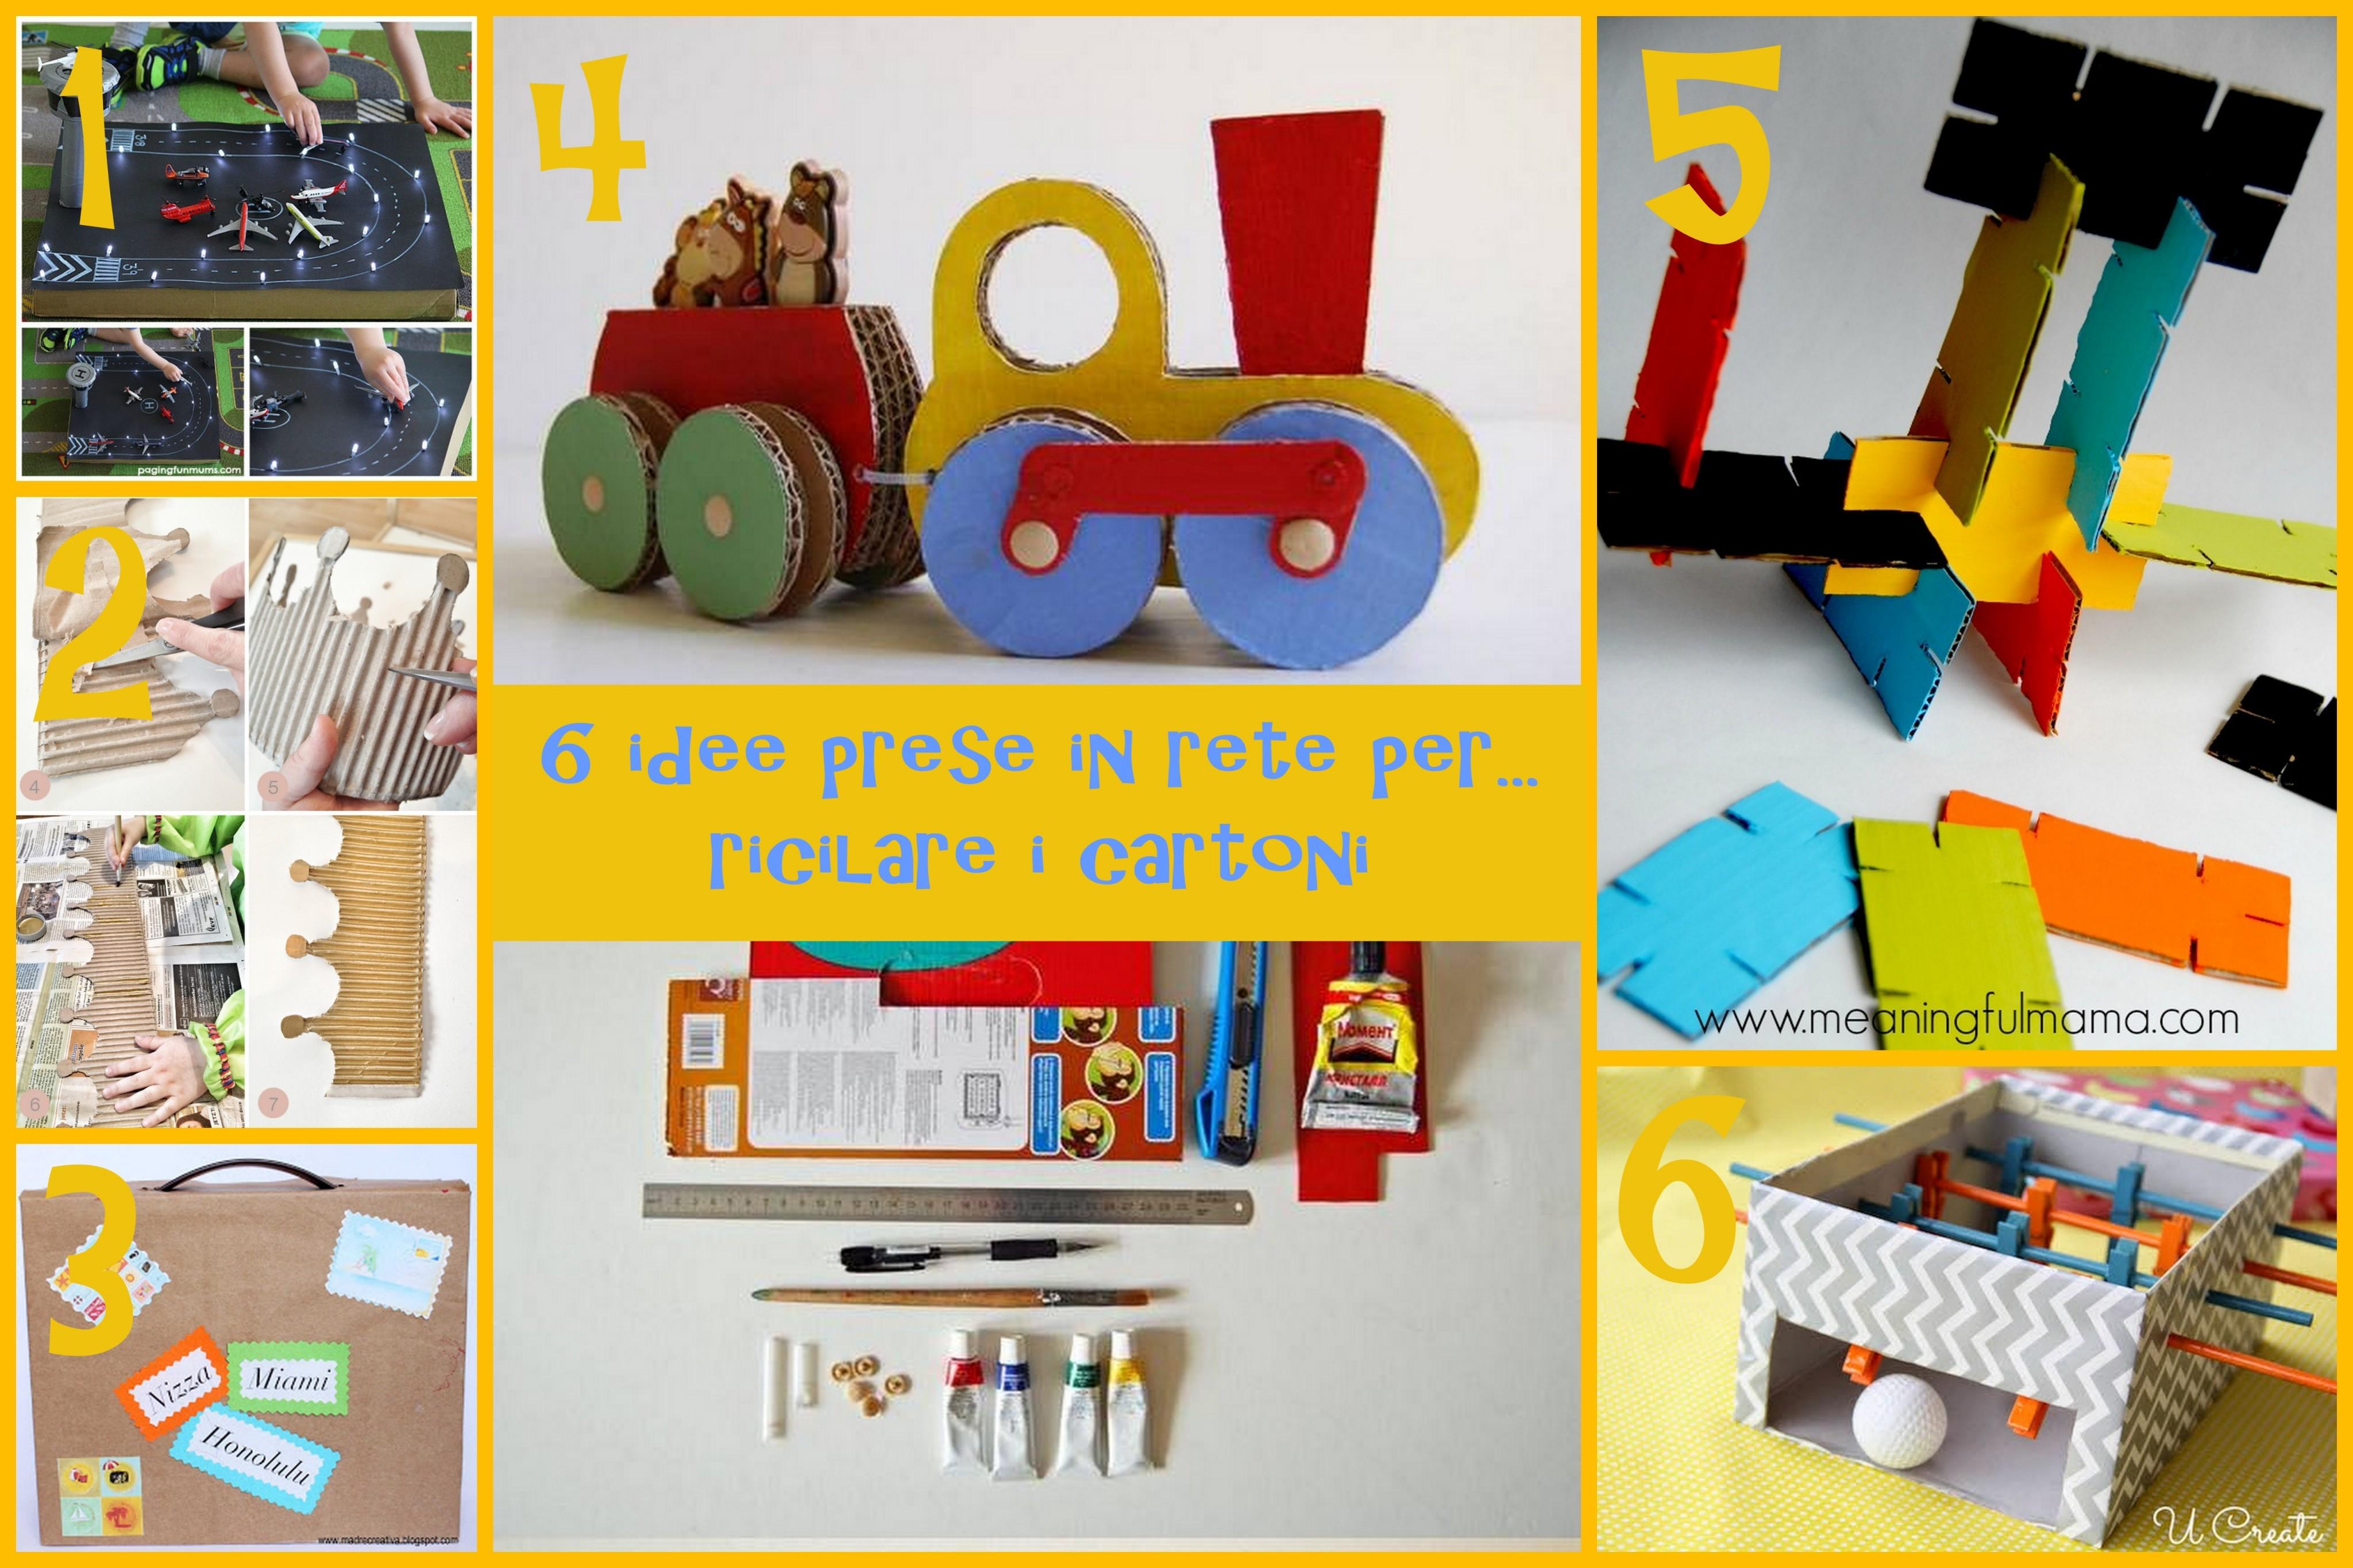 Connu 6 idee prese in rete per riciclare le scatole di cartone | EB76